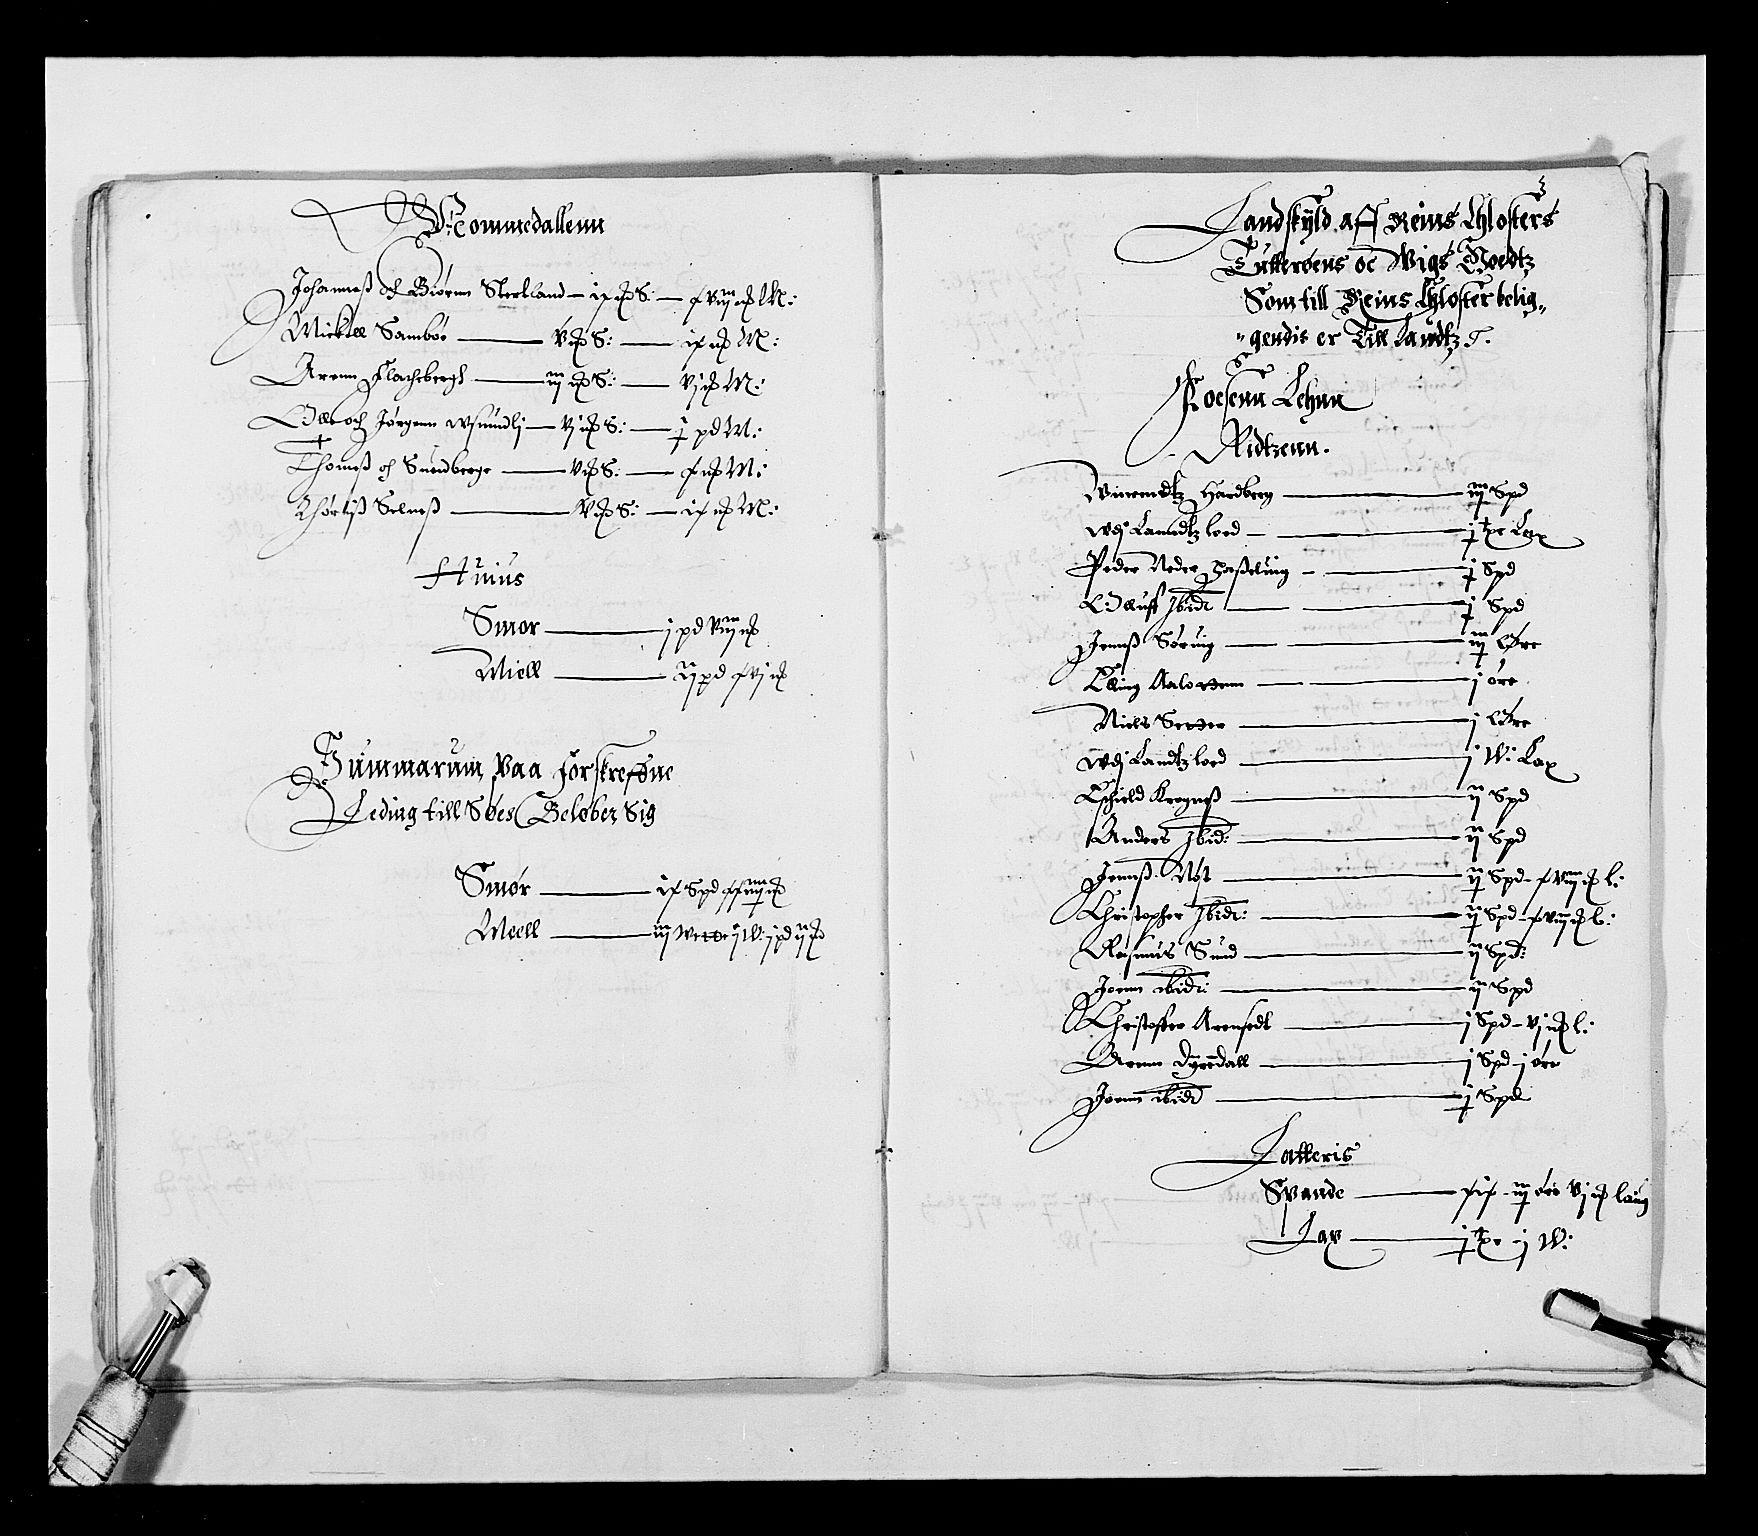 RA, Stattholderembetet 1572-1771, Ek/L0027: Jordebøker 1633-1658:, 1644-1645, s. 14